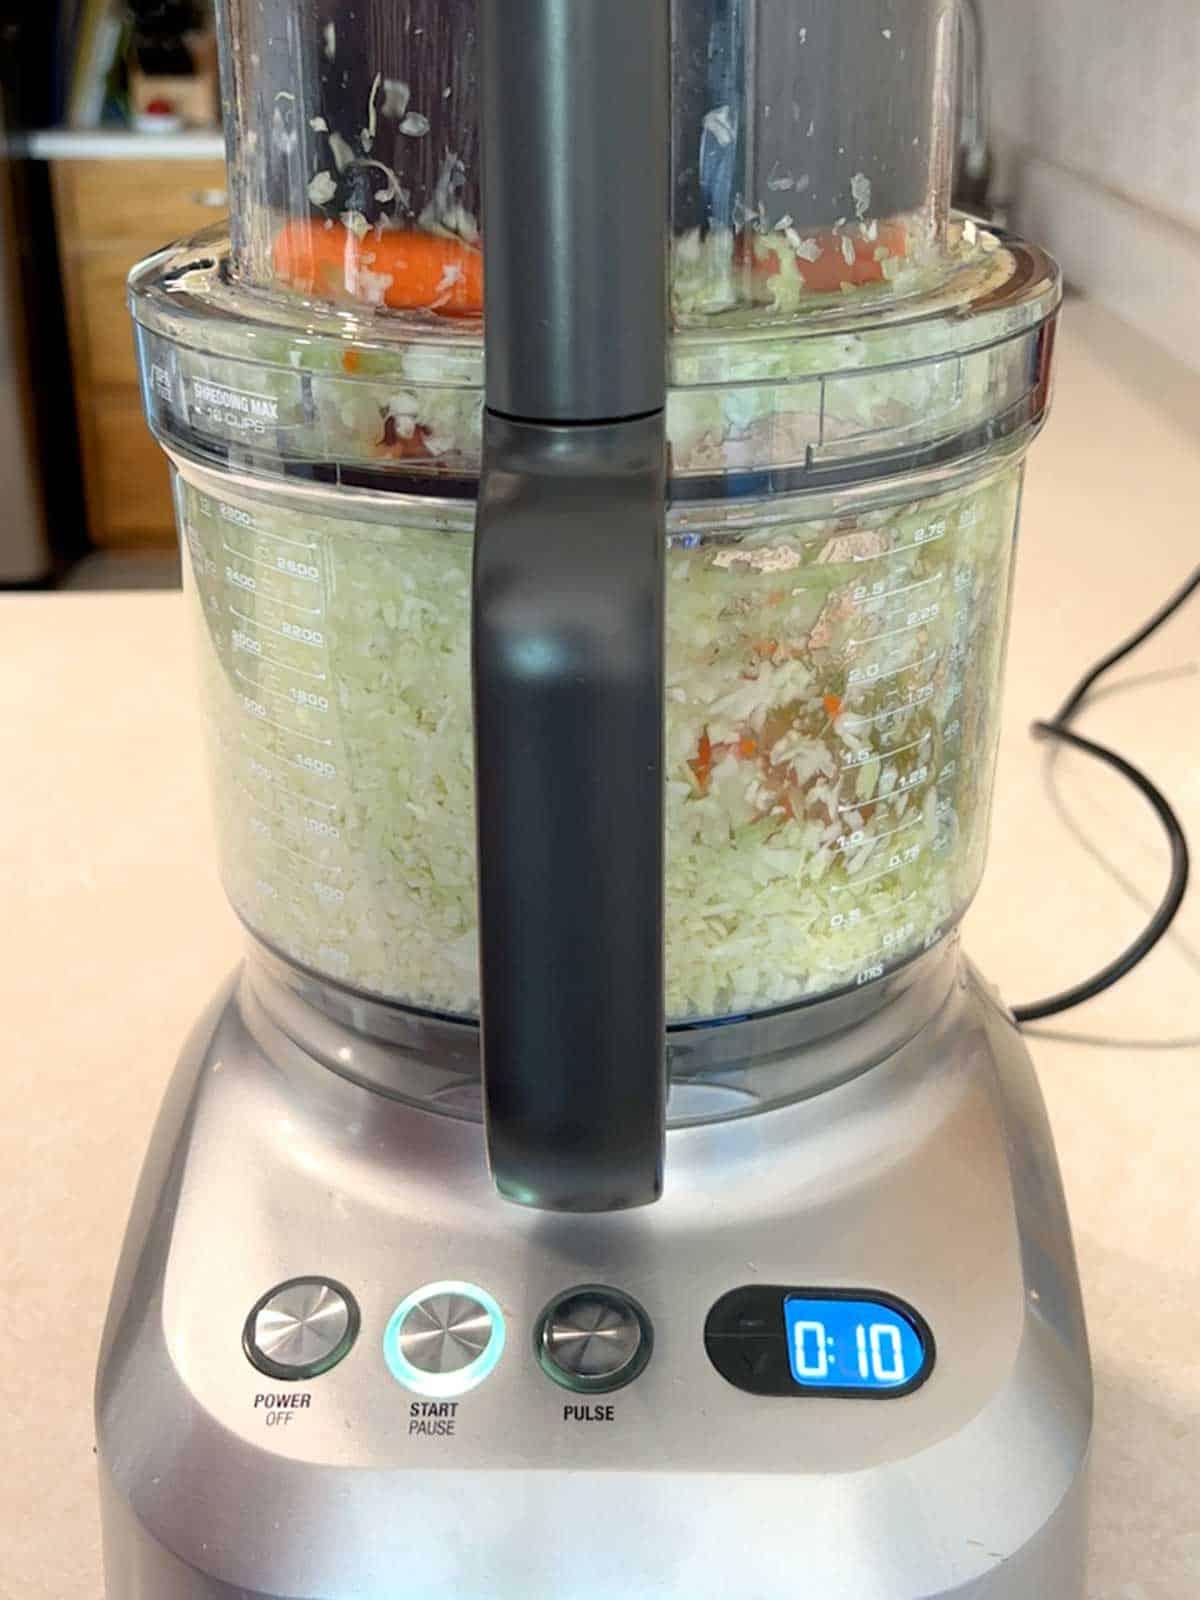 Shredding veggies for spring rolls.